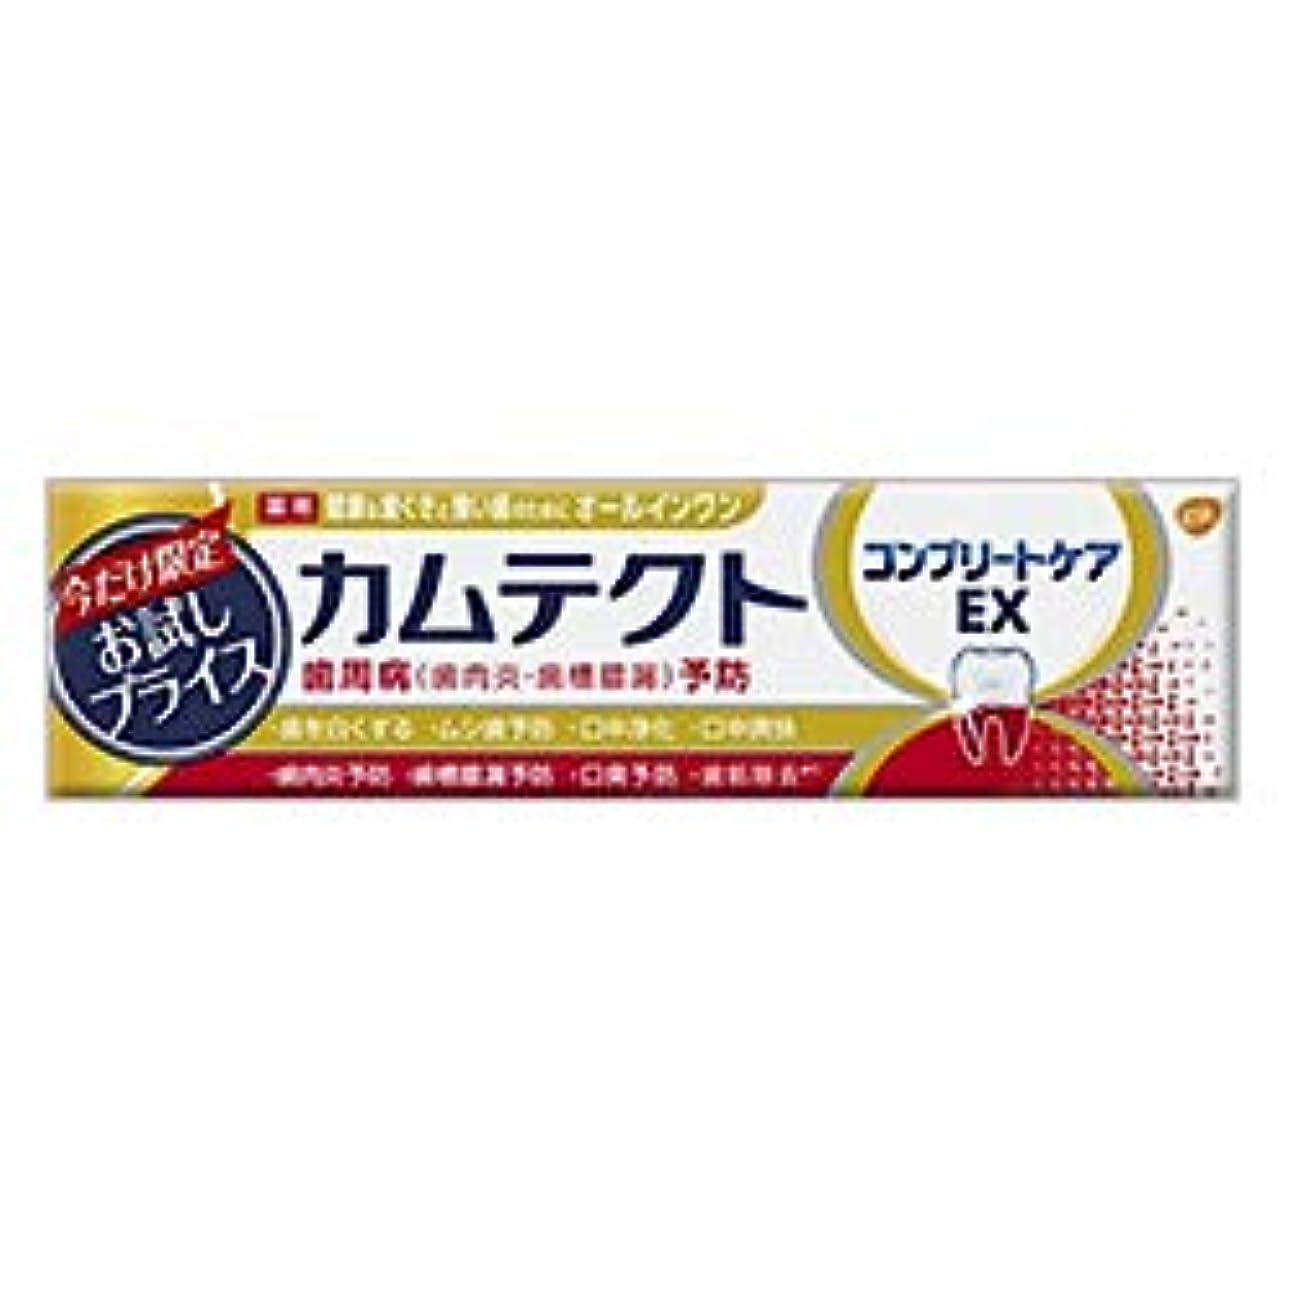 コードレス酸っぱい欲しいです【アース製薬】カムテクト コンプリートケアEX 限定お試し版 95g [医薬部外品] ×2個セット